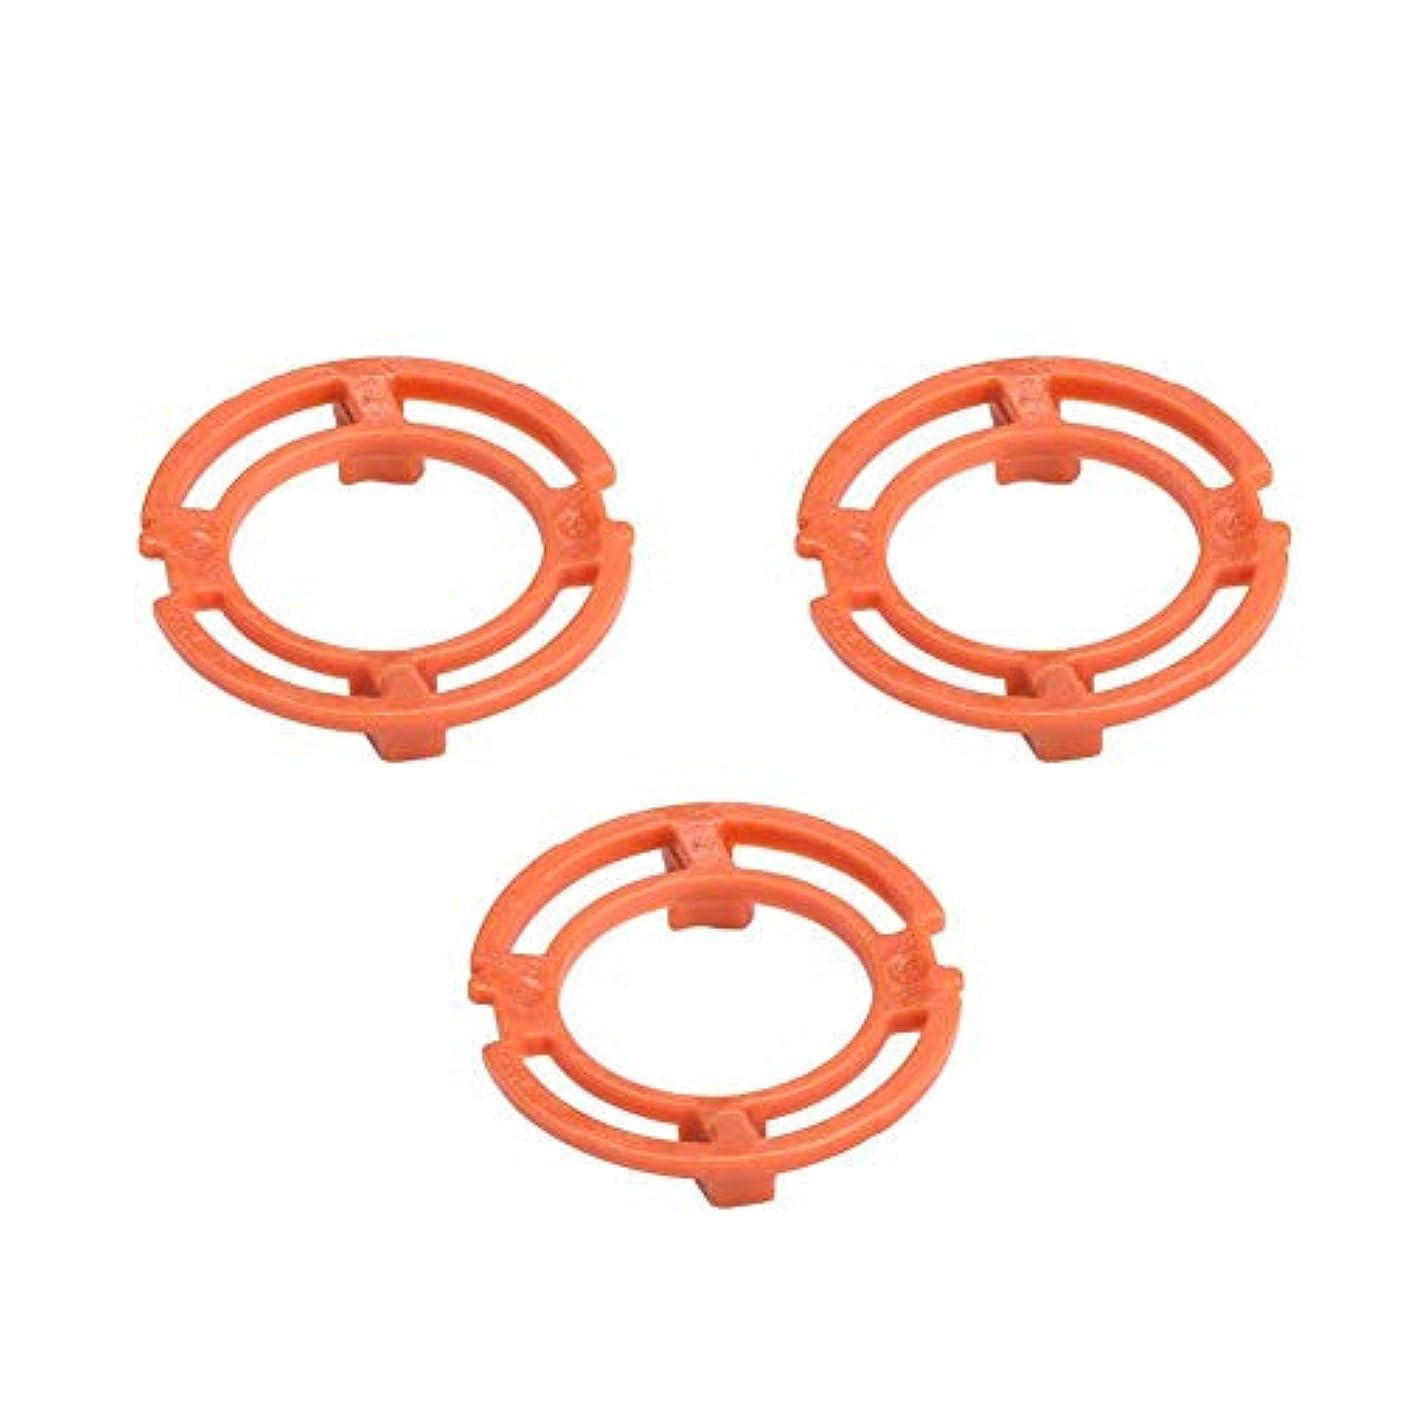 よろめくぐるぐる何十人もシェーバーヘッドフレームホルダーカバー ブレードフレーム ブレード保持リング Philips Norelco 7000 9000 RQ12シリーズに適用 シェーバー用消耗品 アクセサリ 交換部品 オレンジ 3PCS